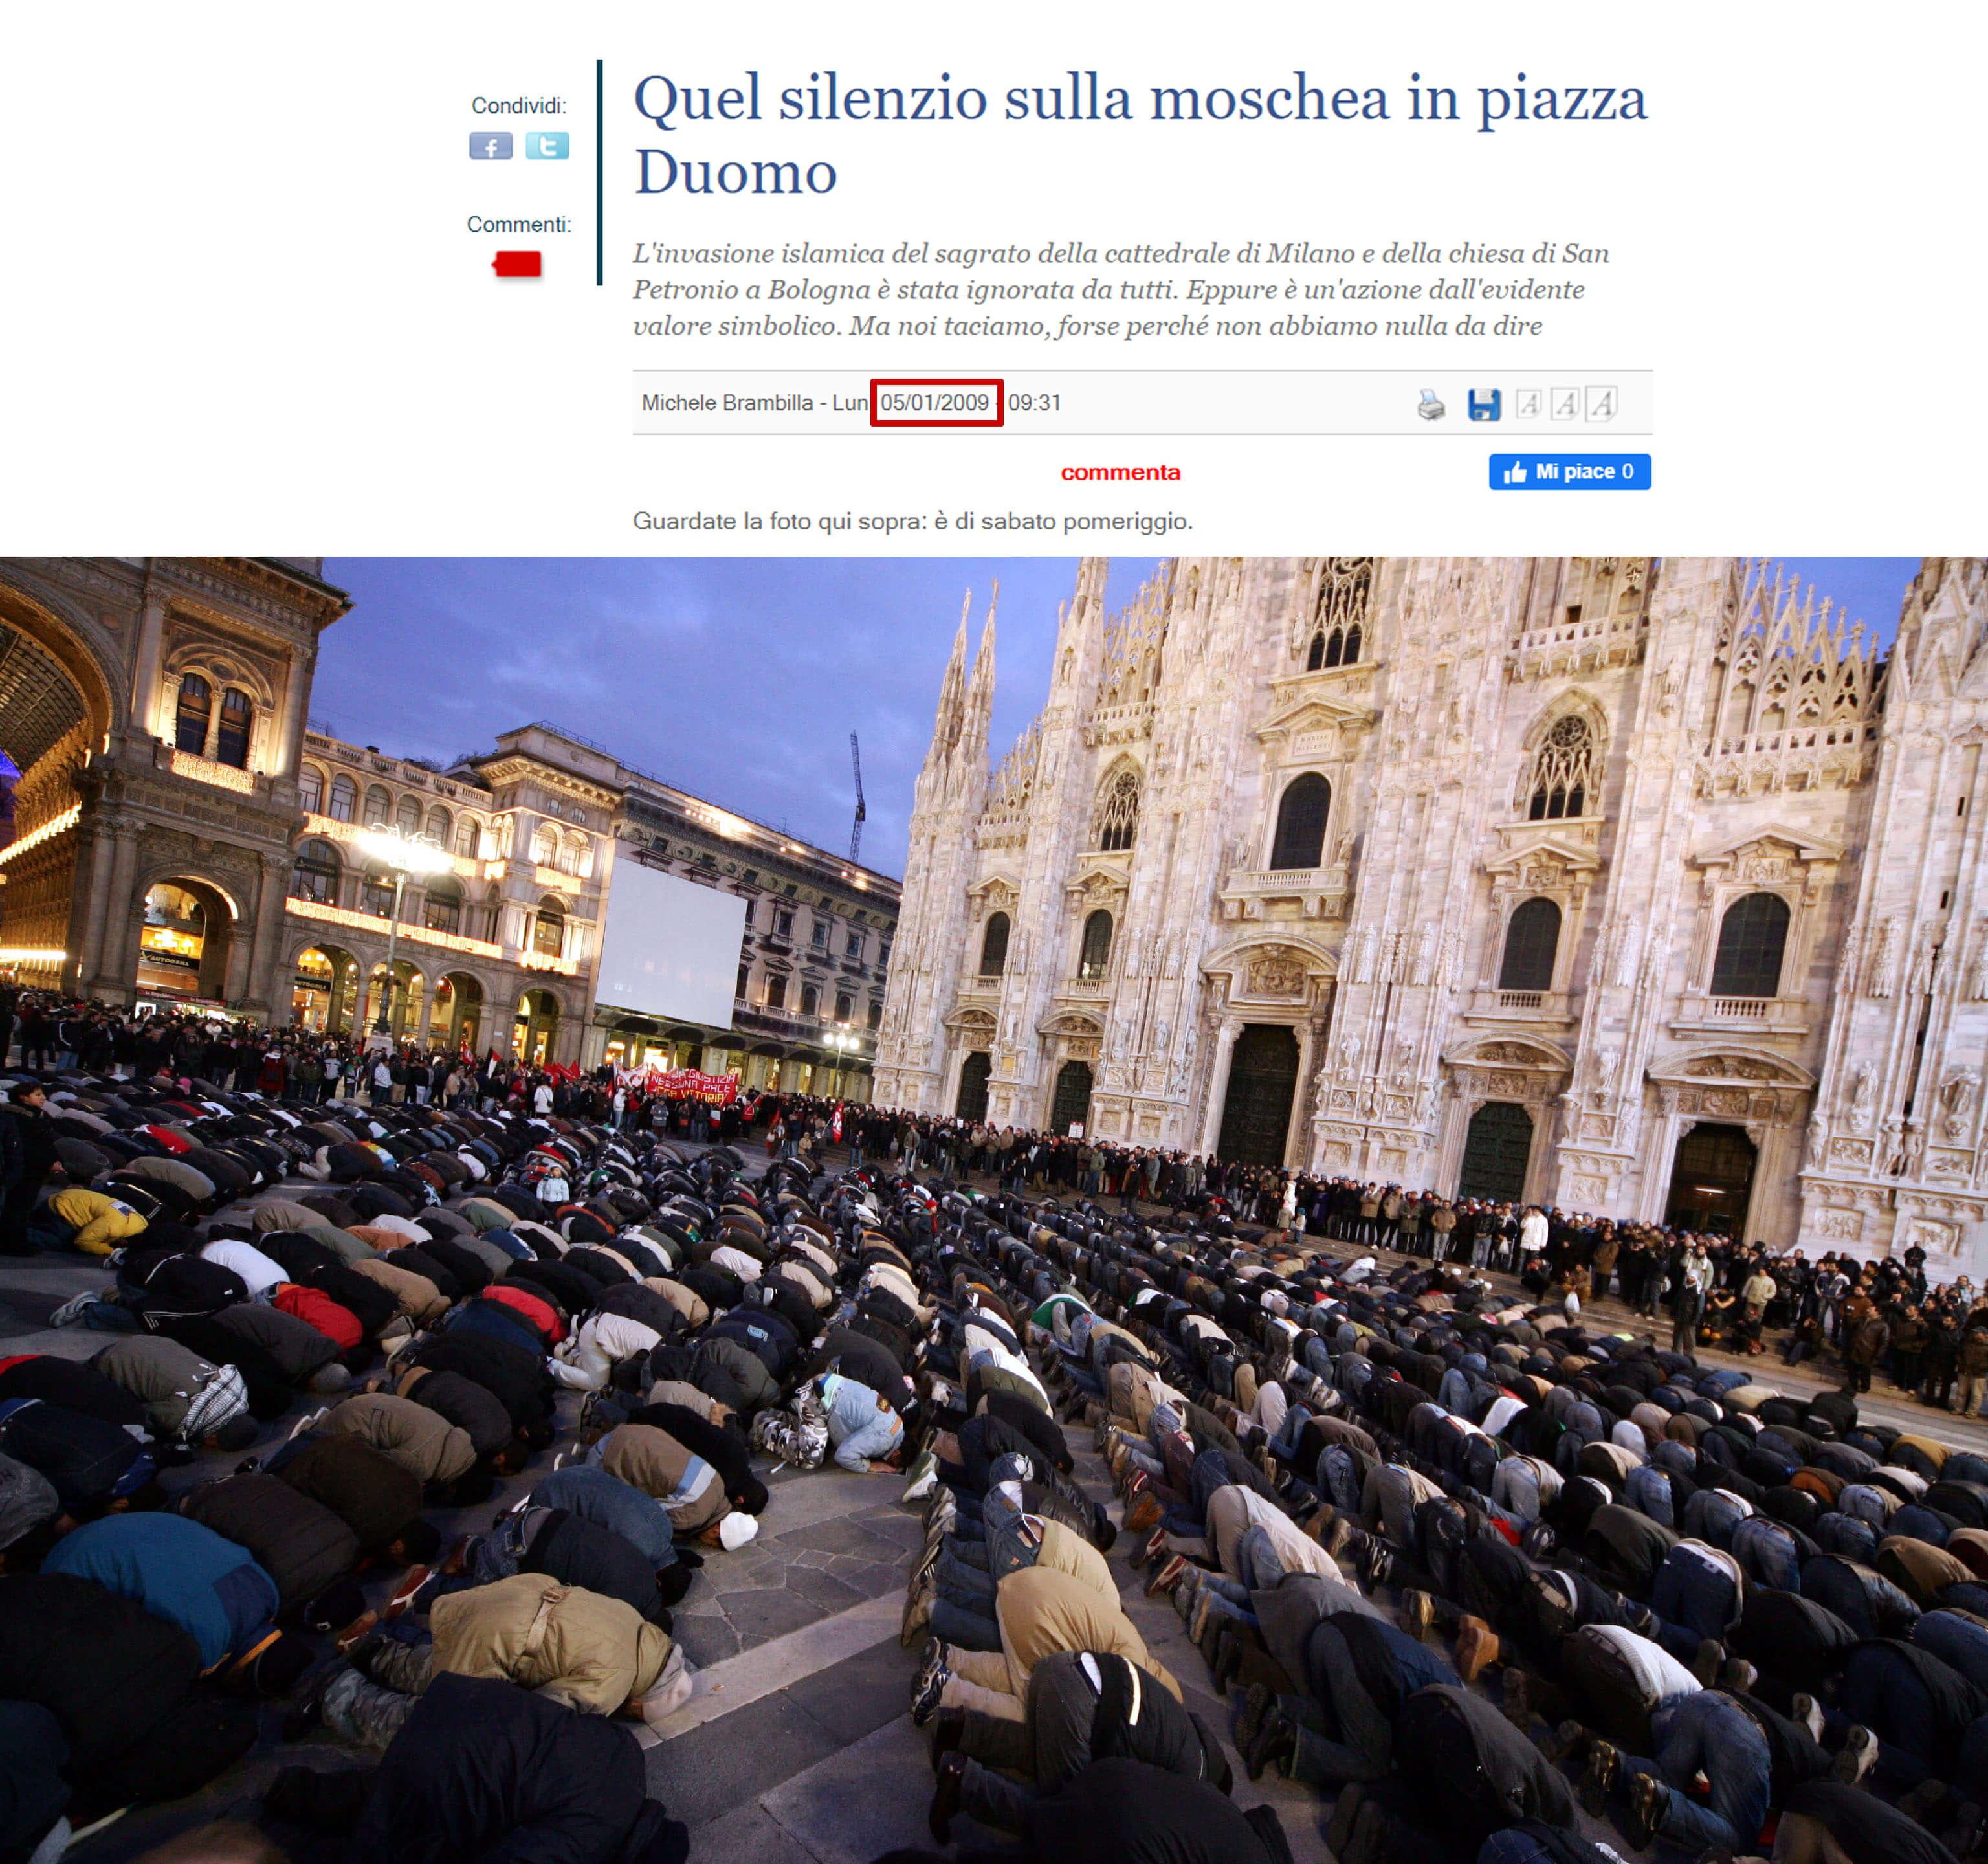 حقيقة صلاة المسلمين في ميلانو لرفع البلاء بسبب كورونا